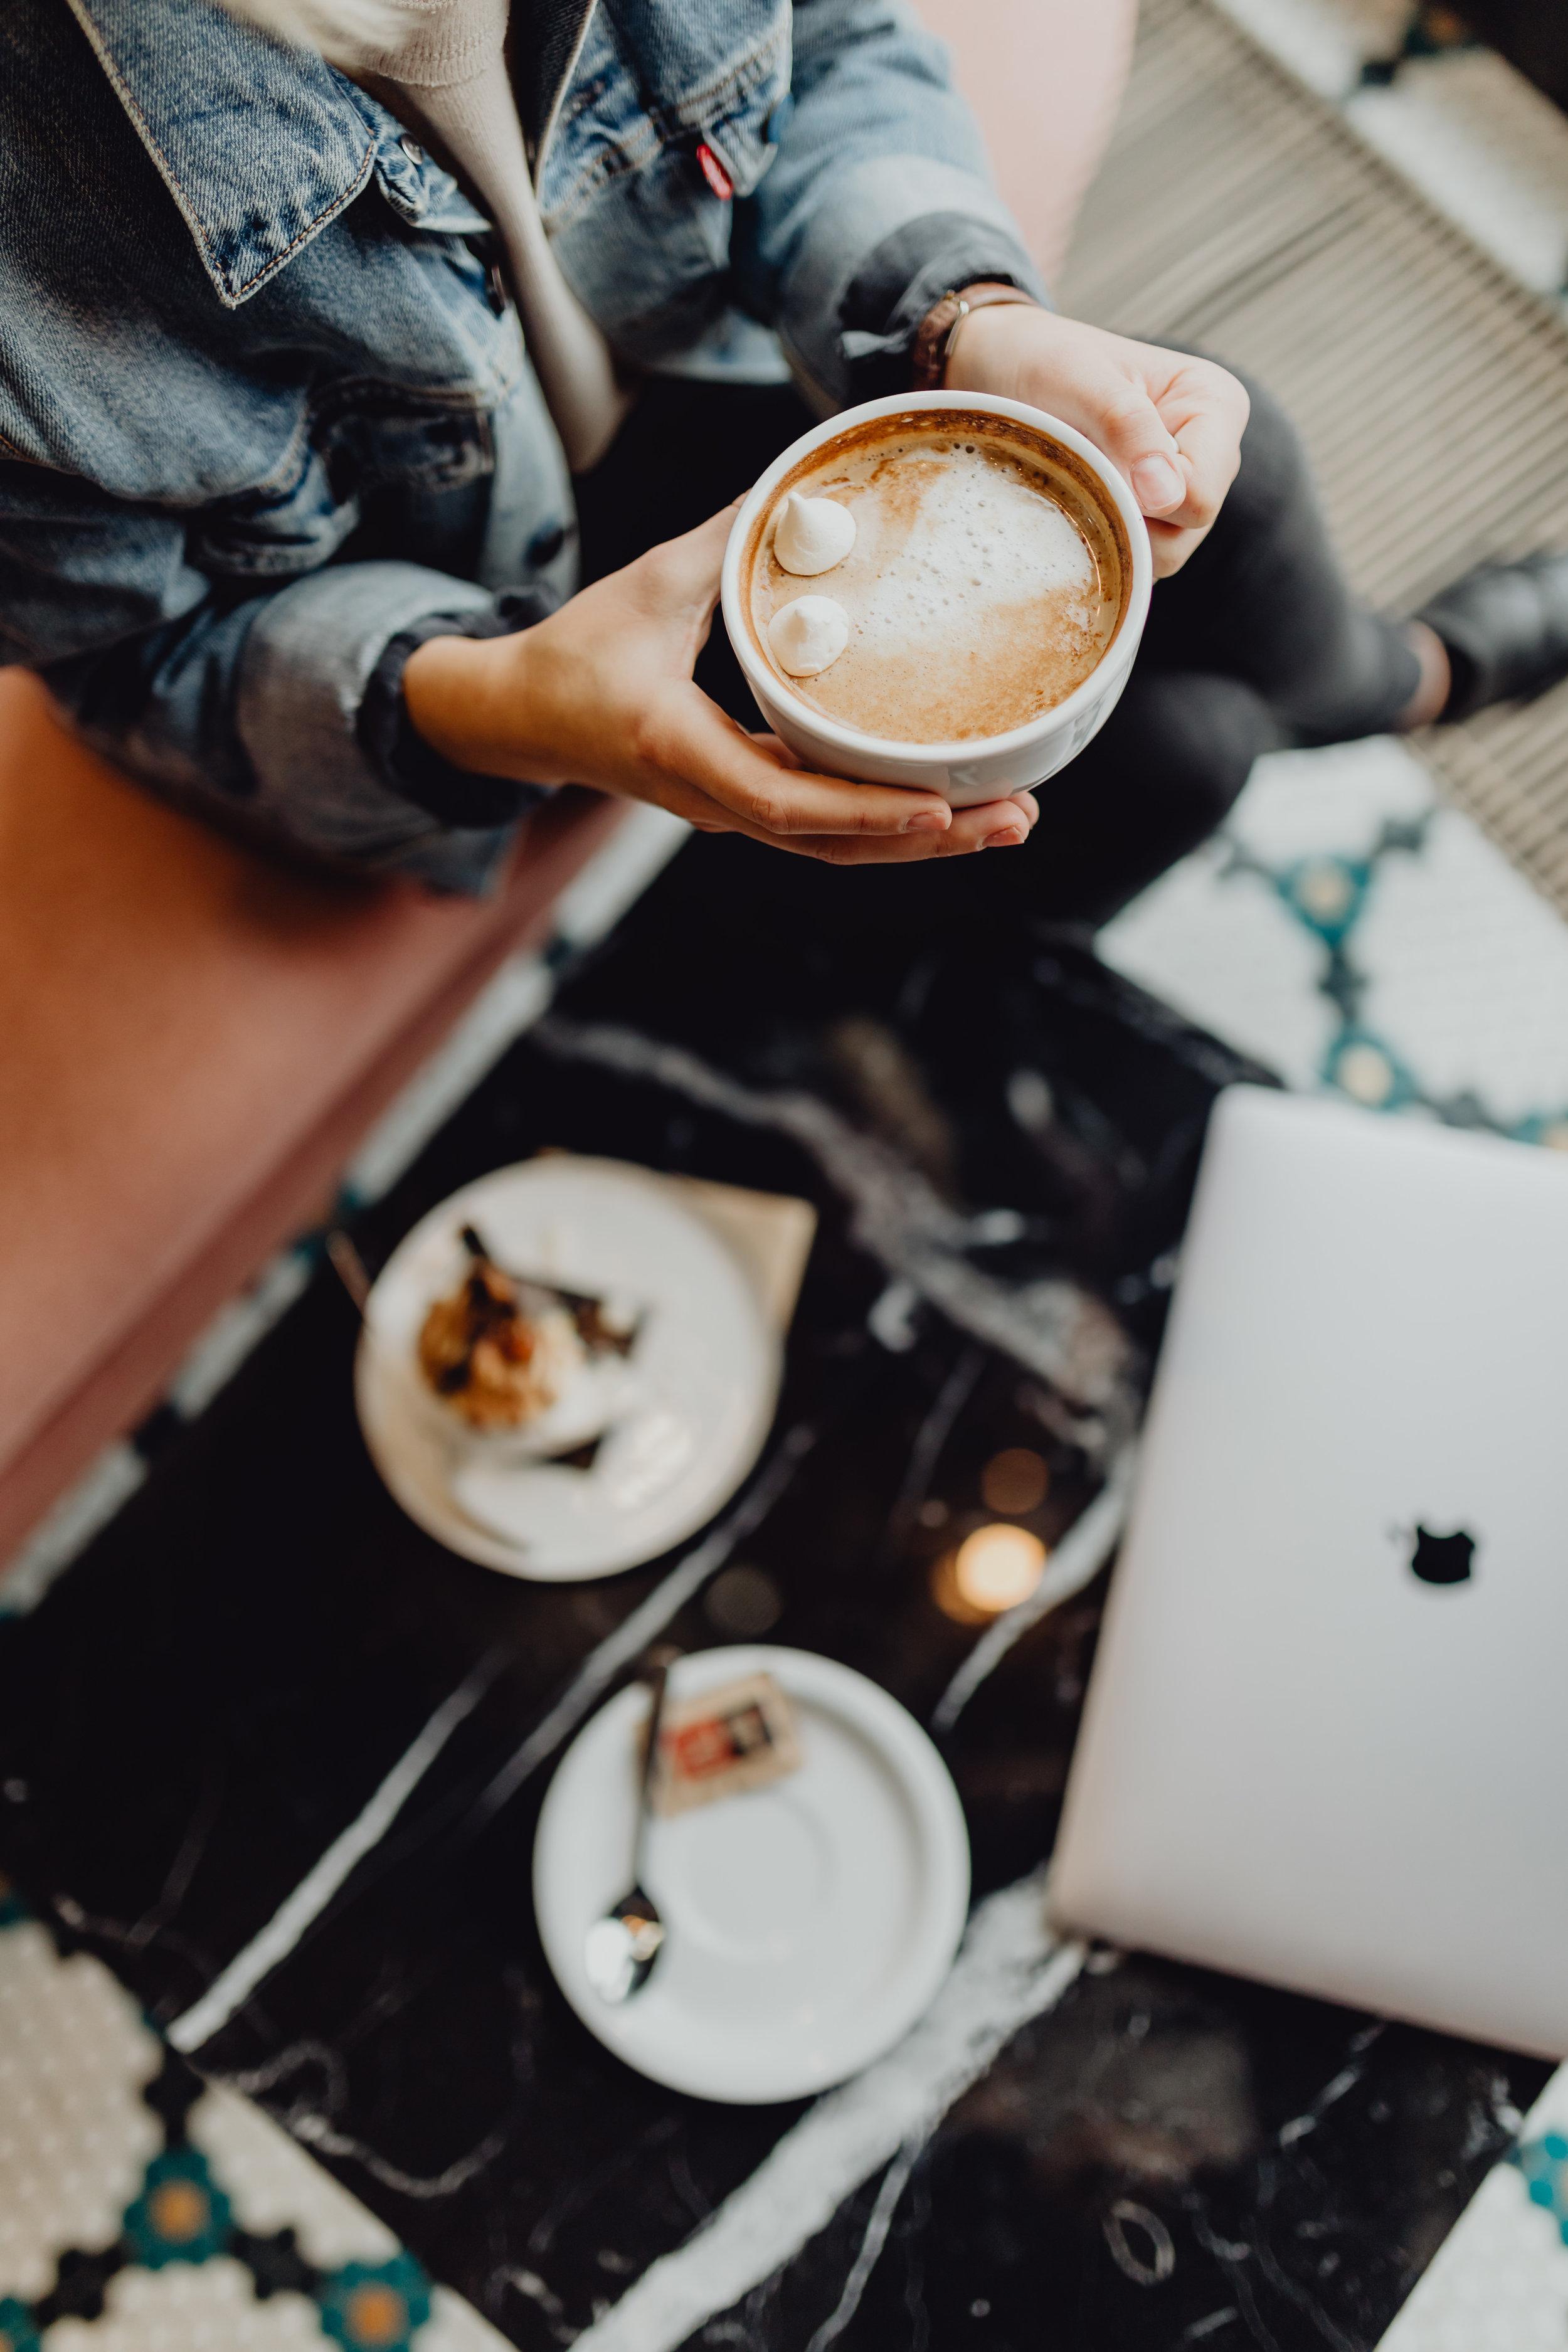 Meteen bij publicatie van je blogpost zorgen dat je extra manieren hebt klaarstaan om je post te promoten, bespaart je ongelofelijk veel tijd.